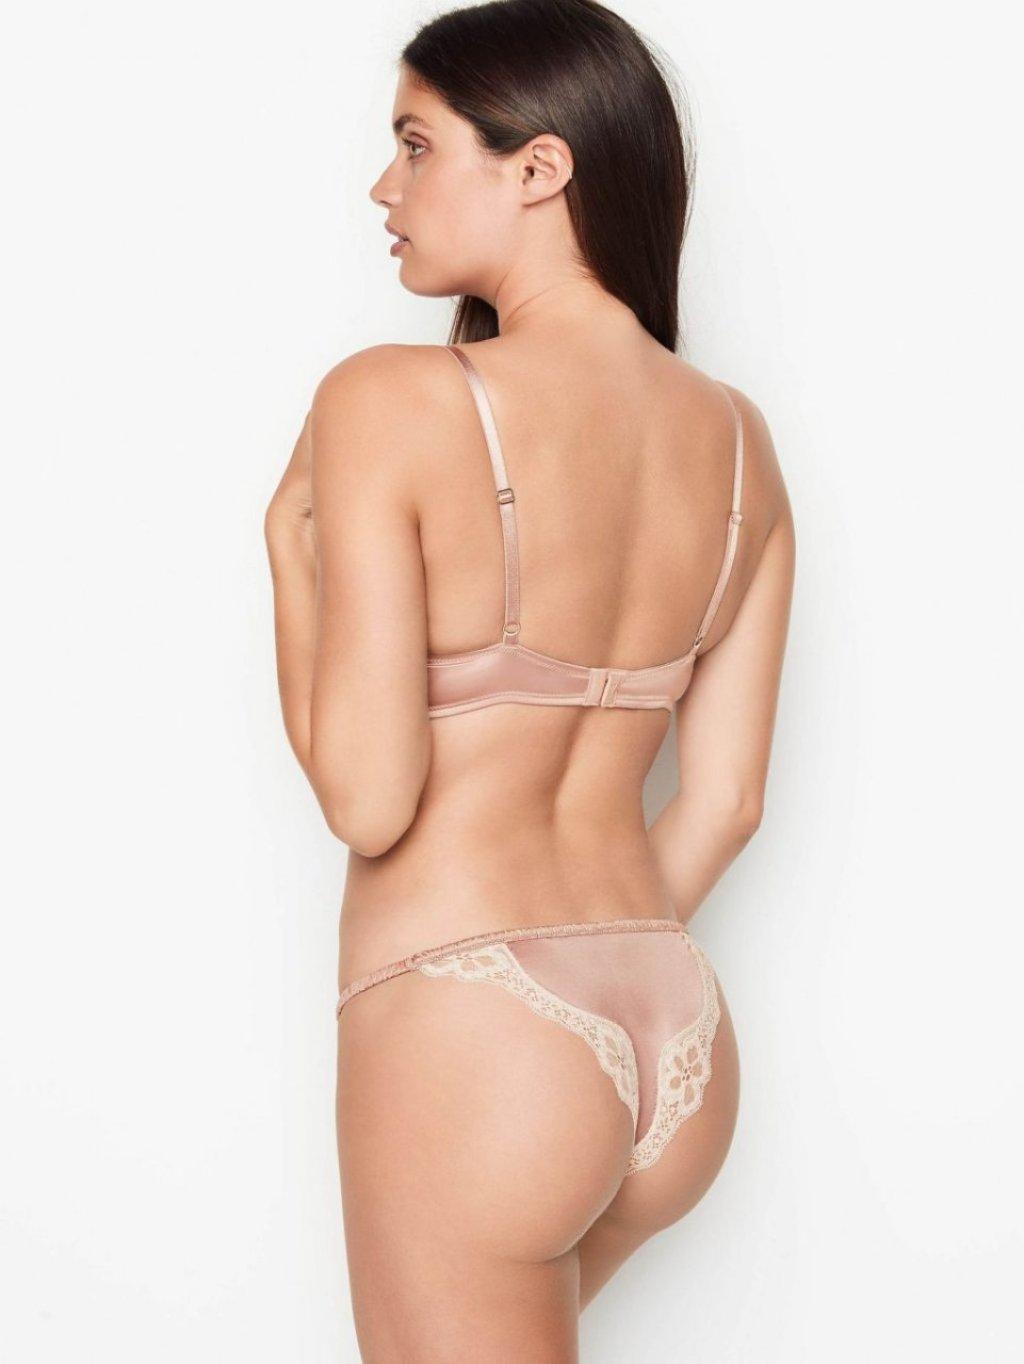 Sara Sampaio Sexy (14 Photos)